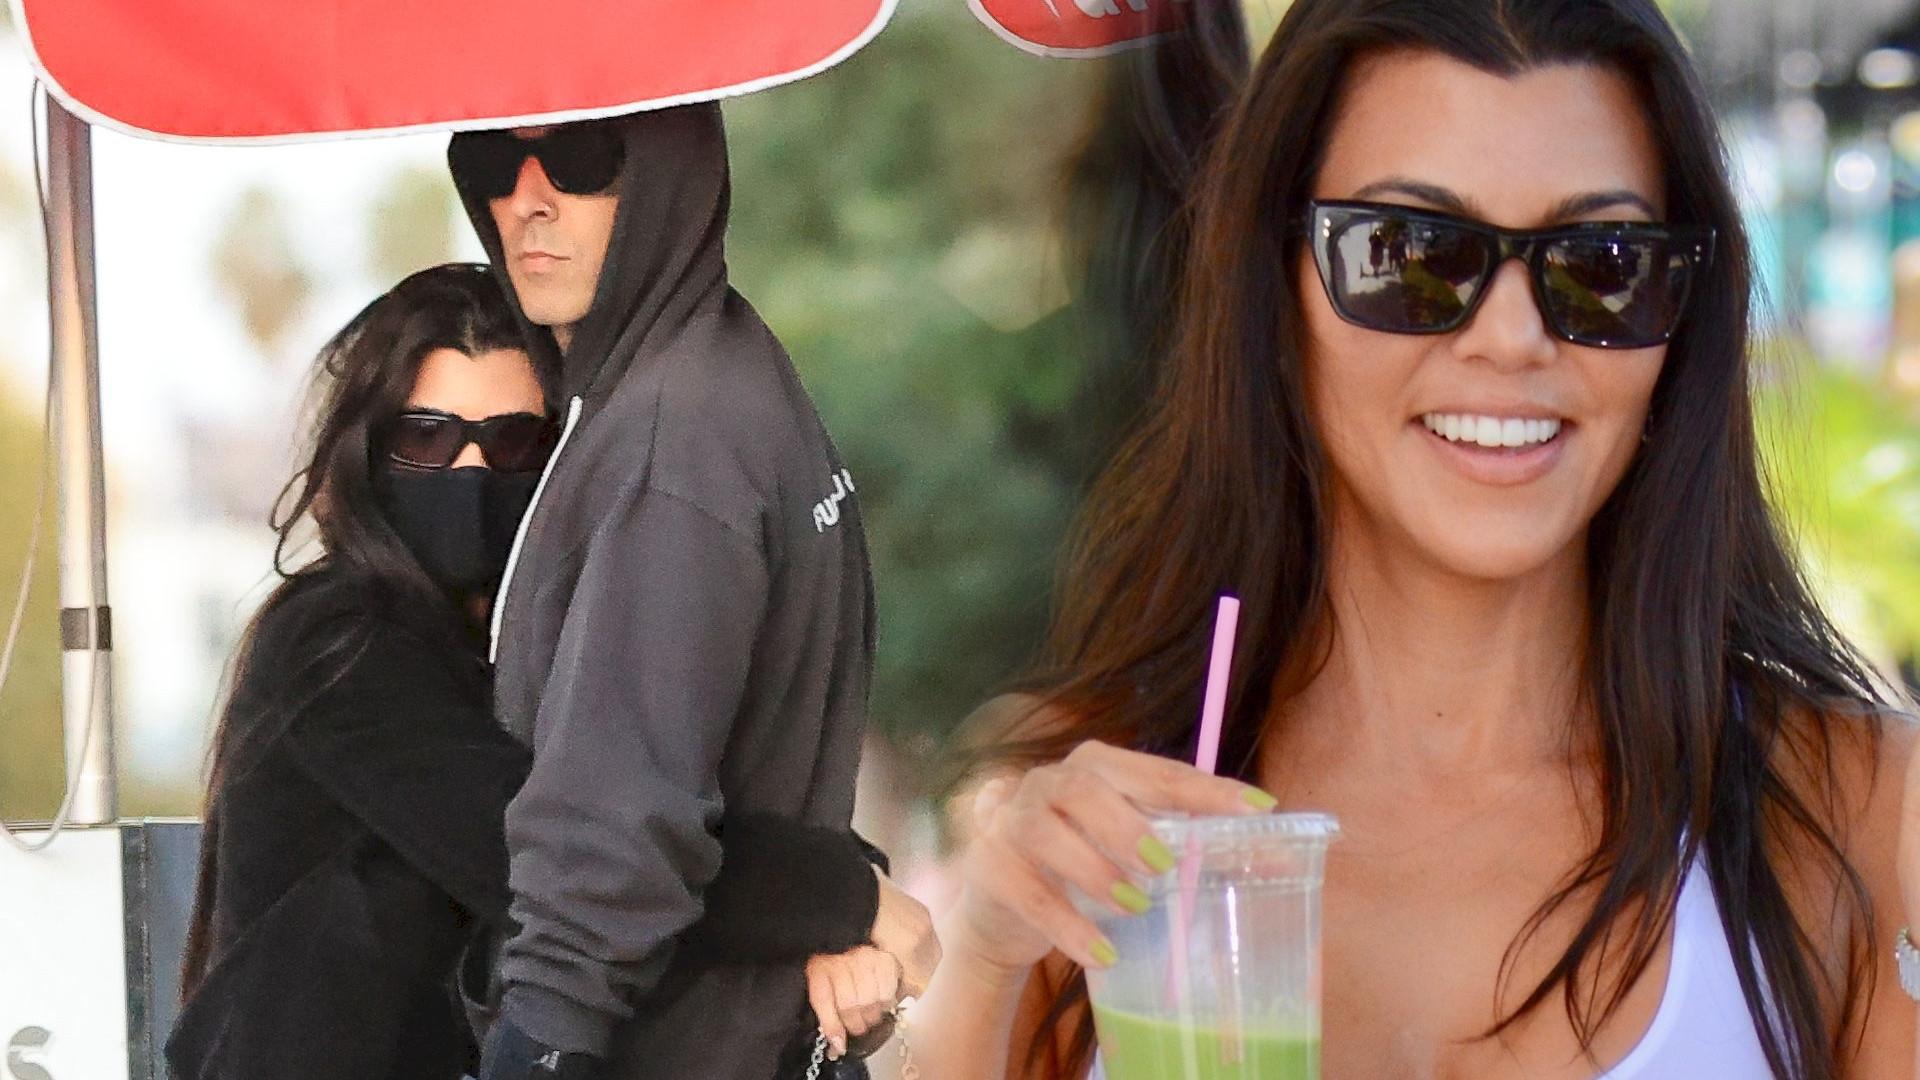 Kourtney Kardashian chyba NIGDY nie była tak zakochana. Nowe zdjęcie z Travisem bije rekordy popularności